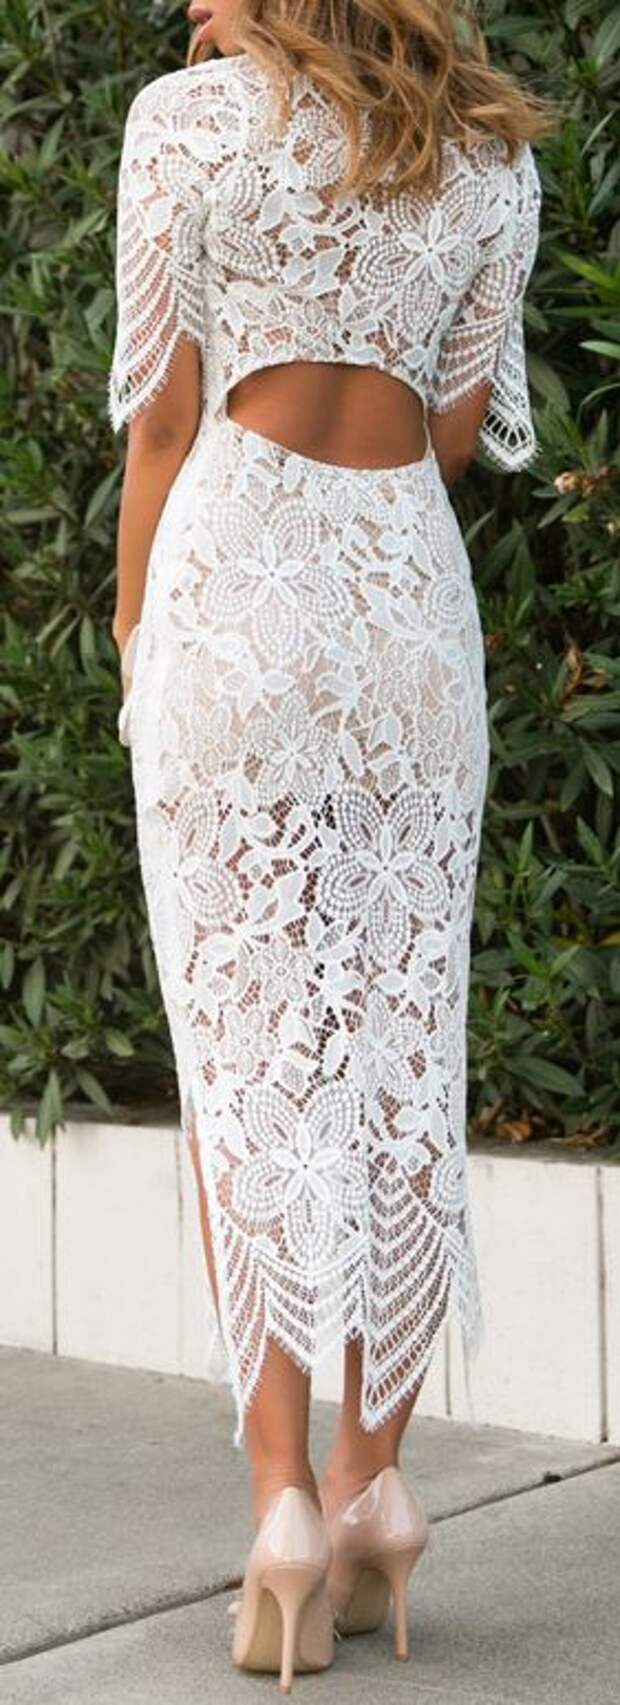 Lace maxi bodycon dress